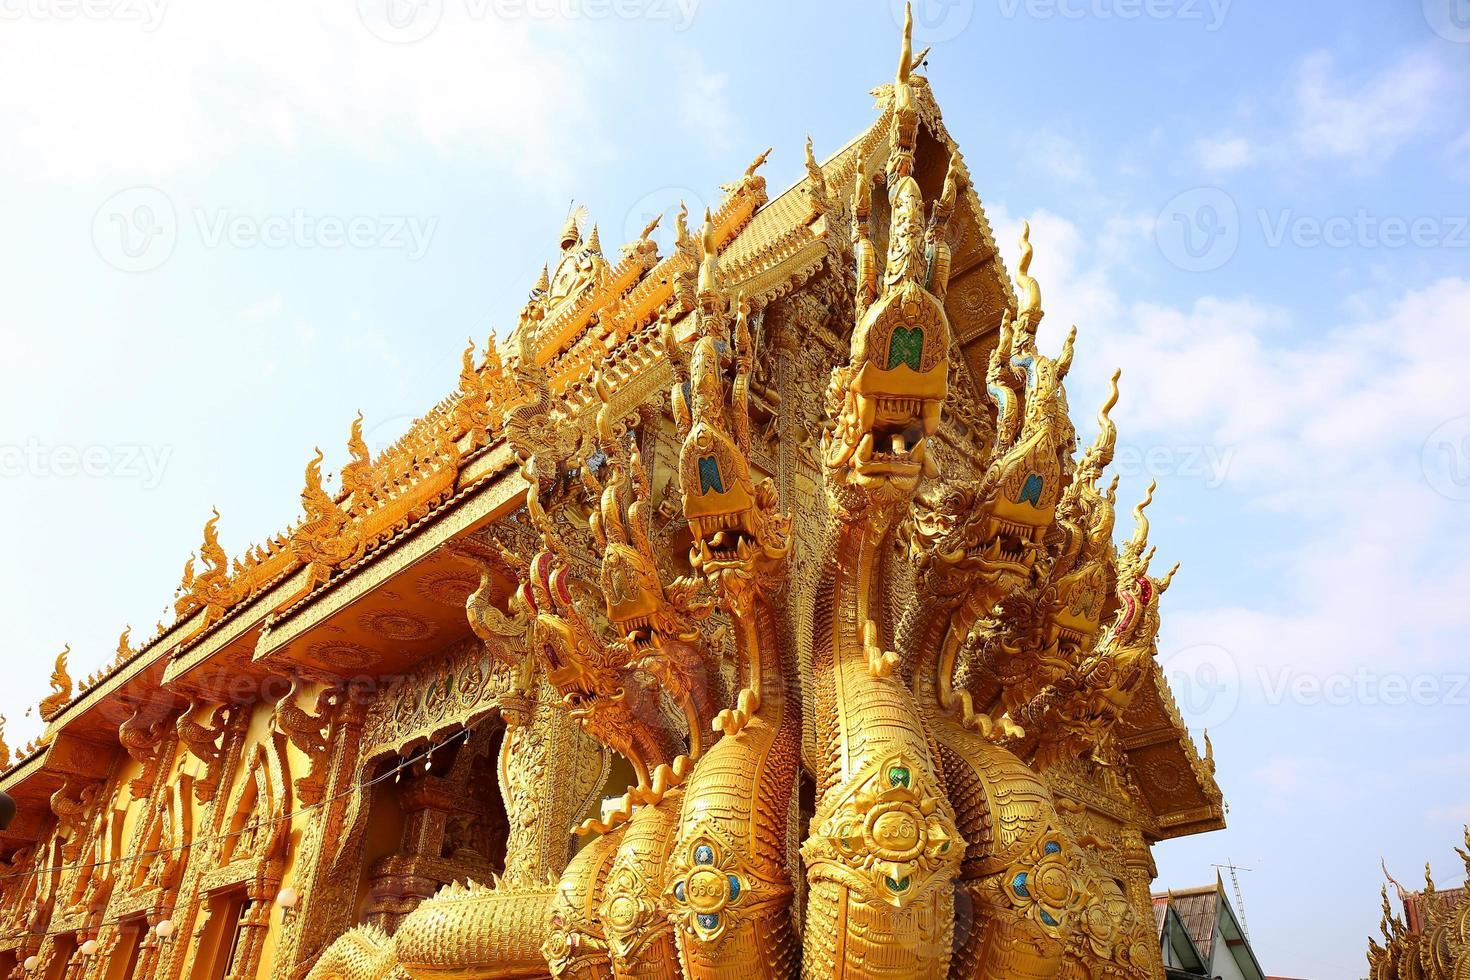 de zeven hoofden grote slang, nan, thailand foto